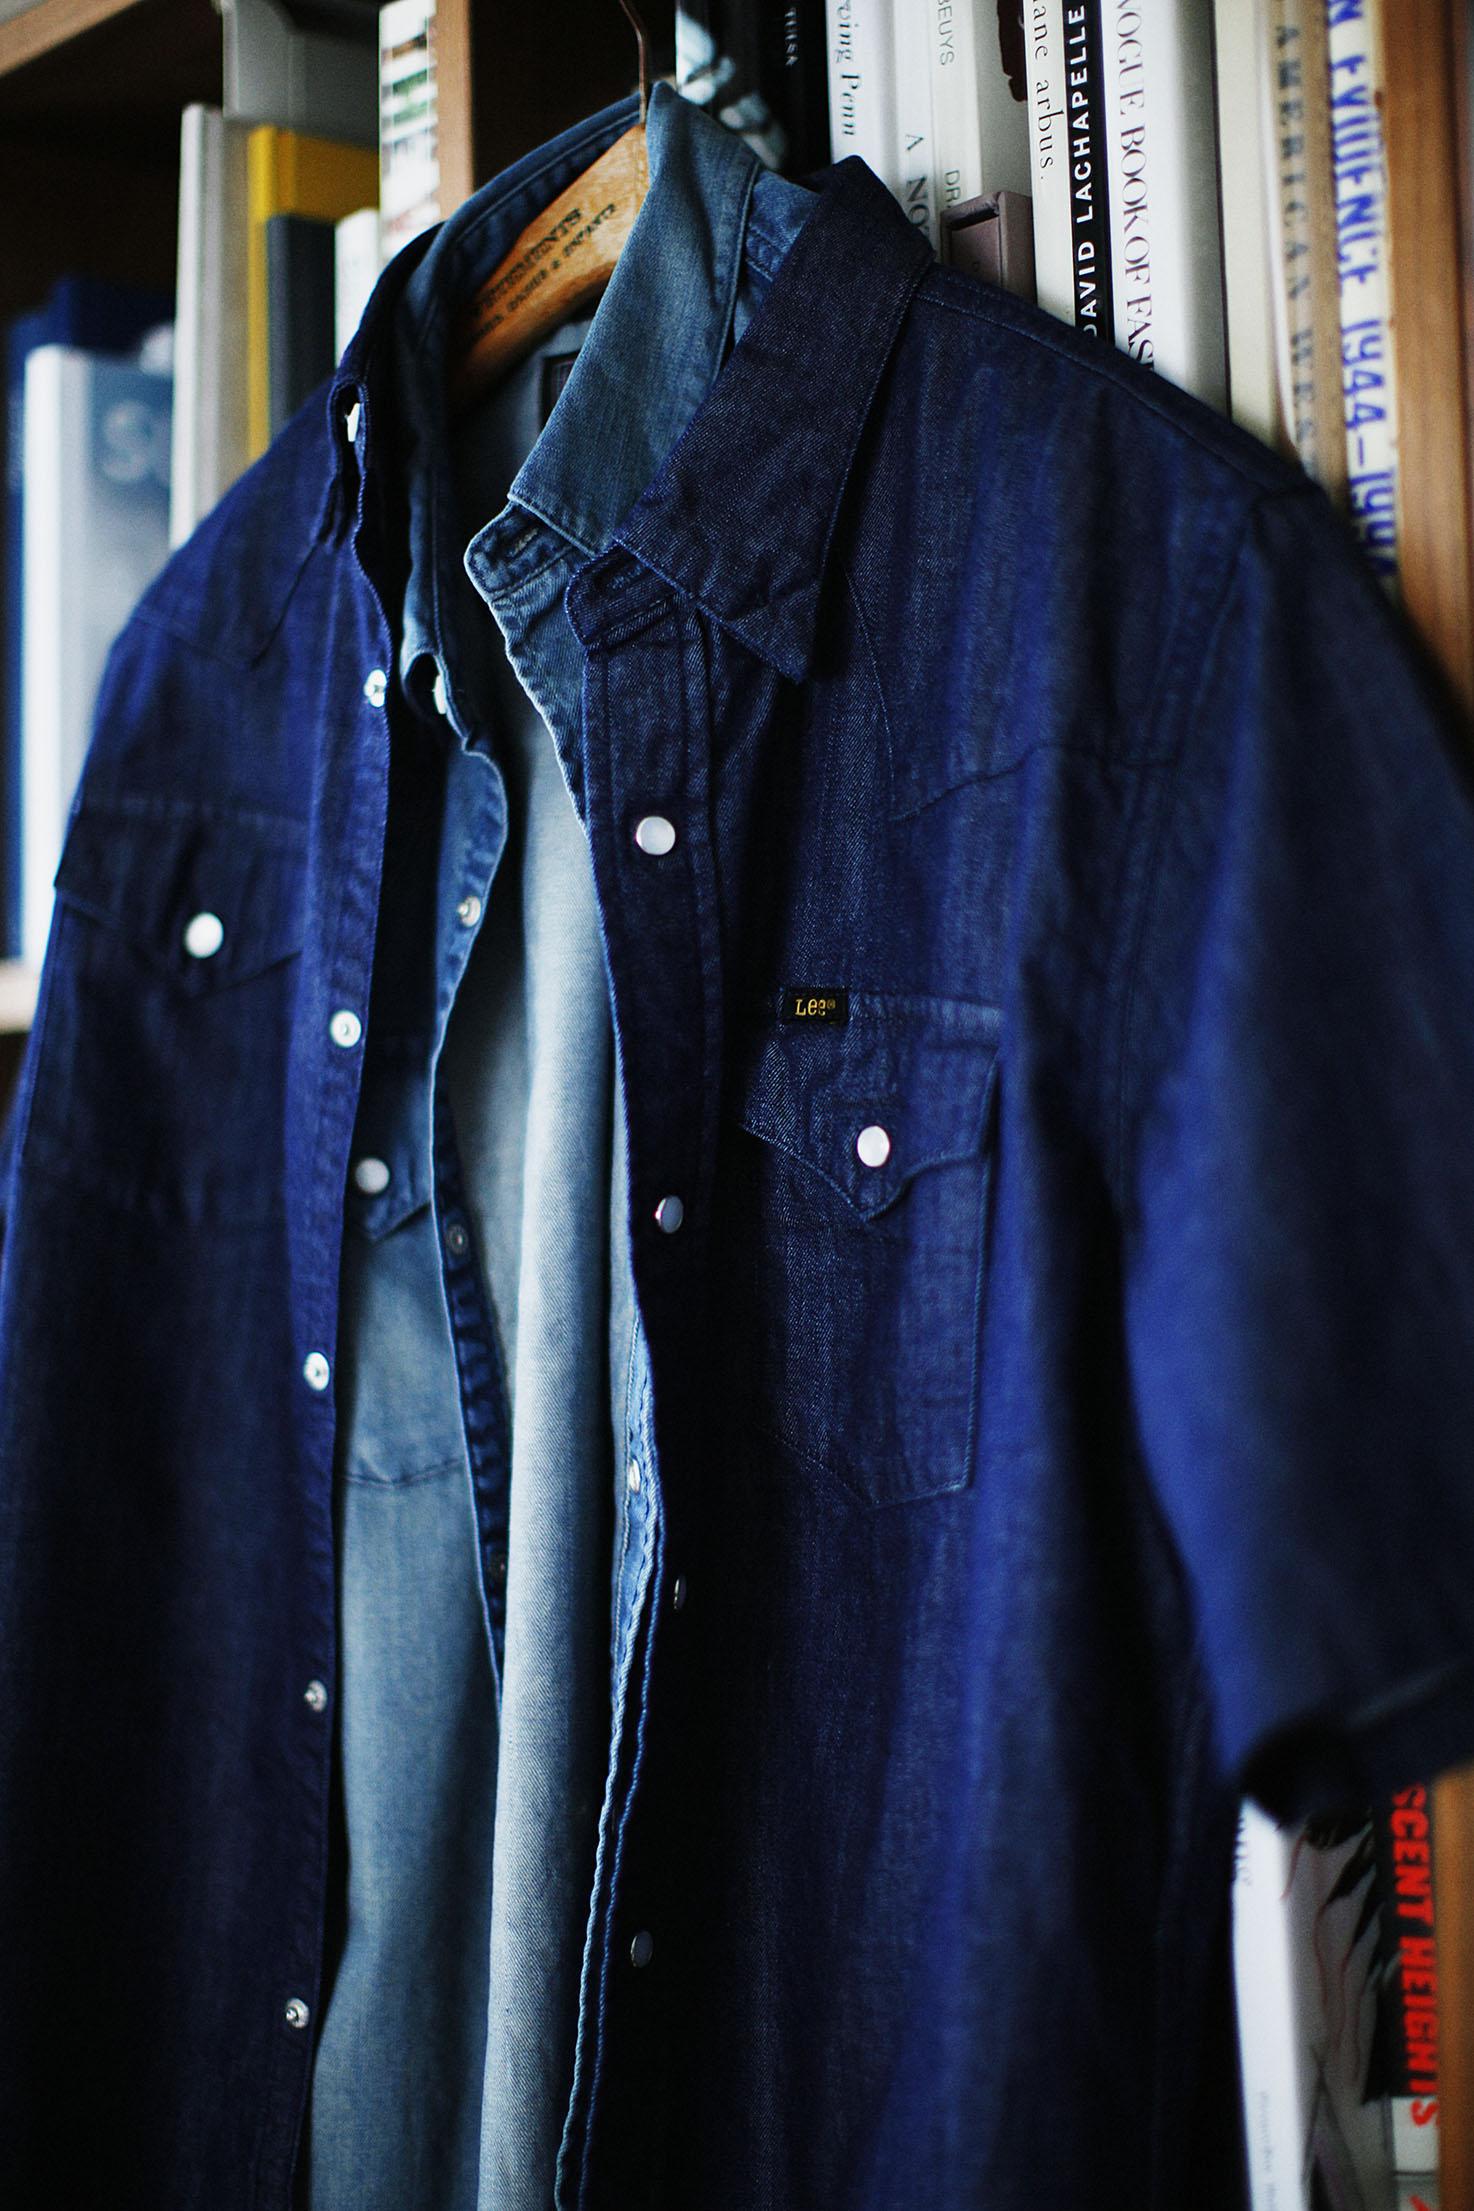 ウエスタンシャツ (LEE × BLUE WORK)ワンウォッシュ 11,000円 + 税、加工 12,000円 + 税